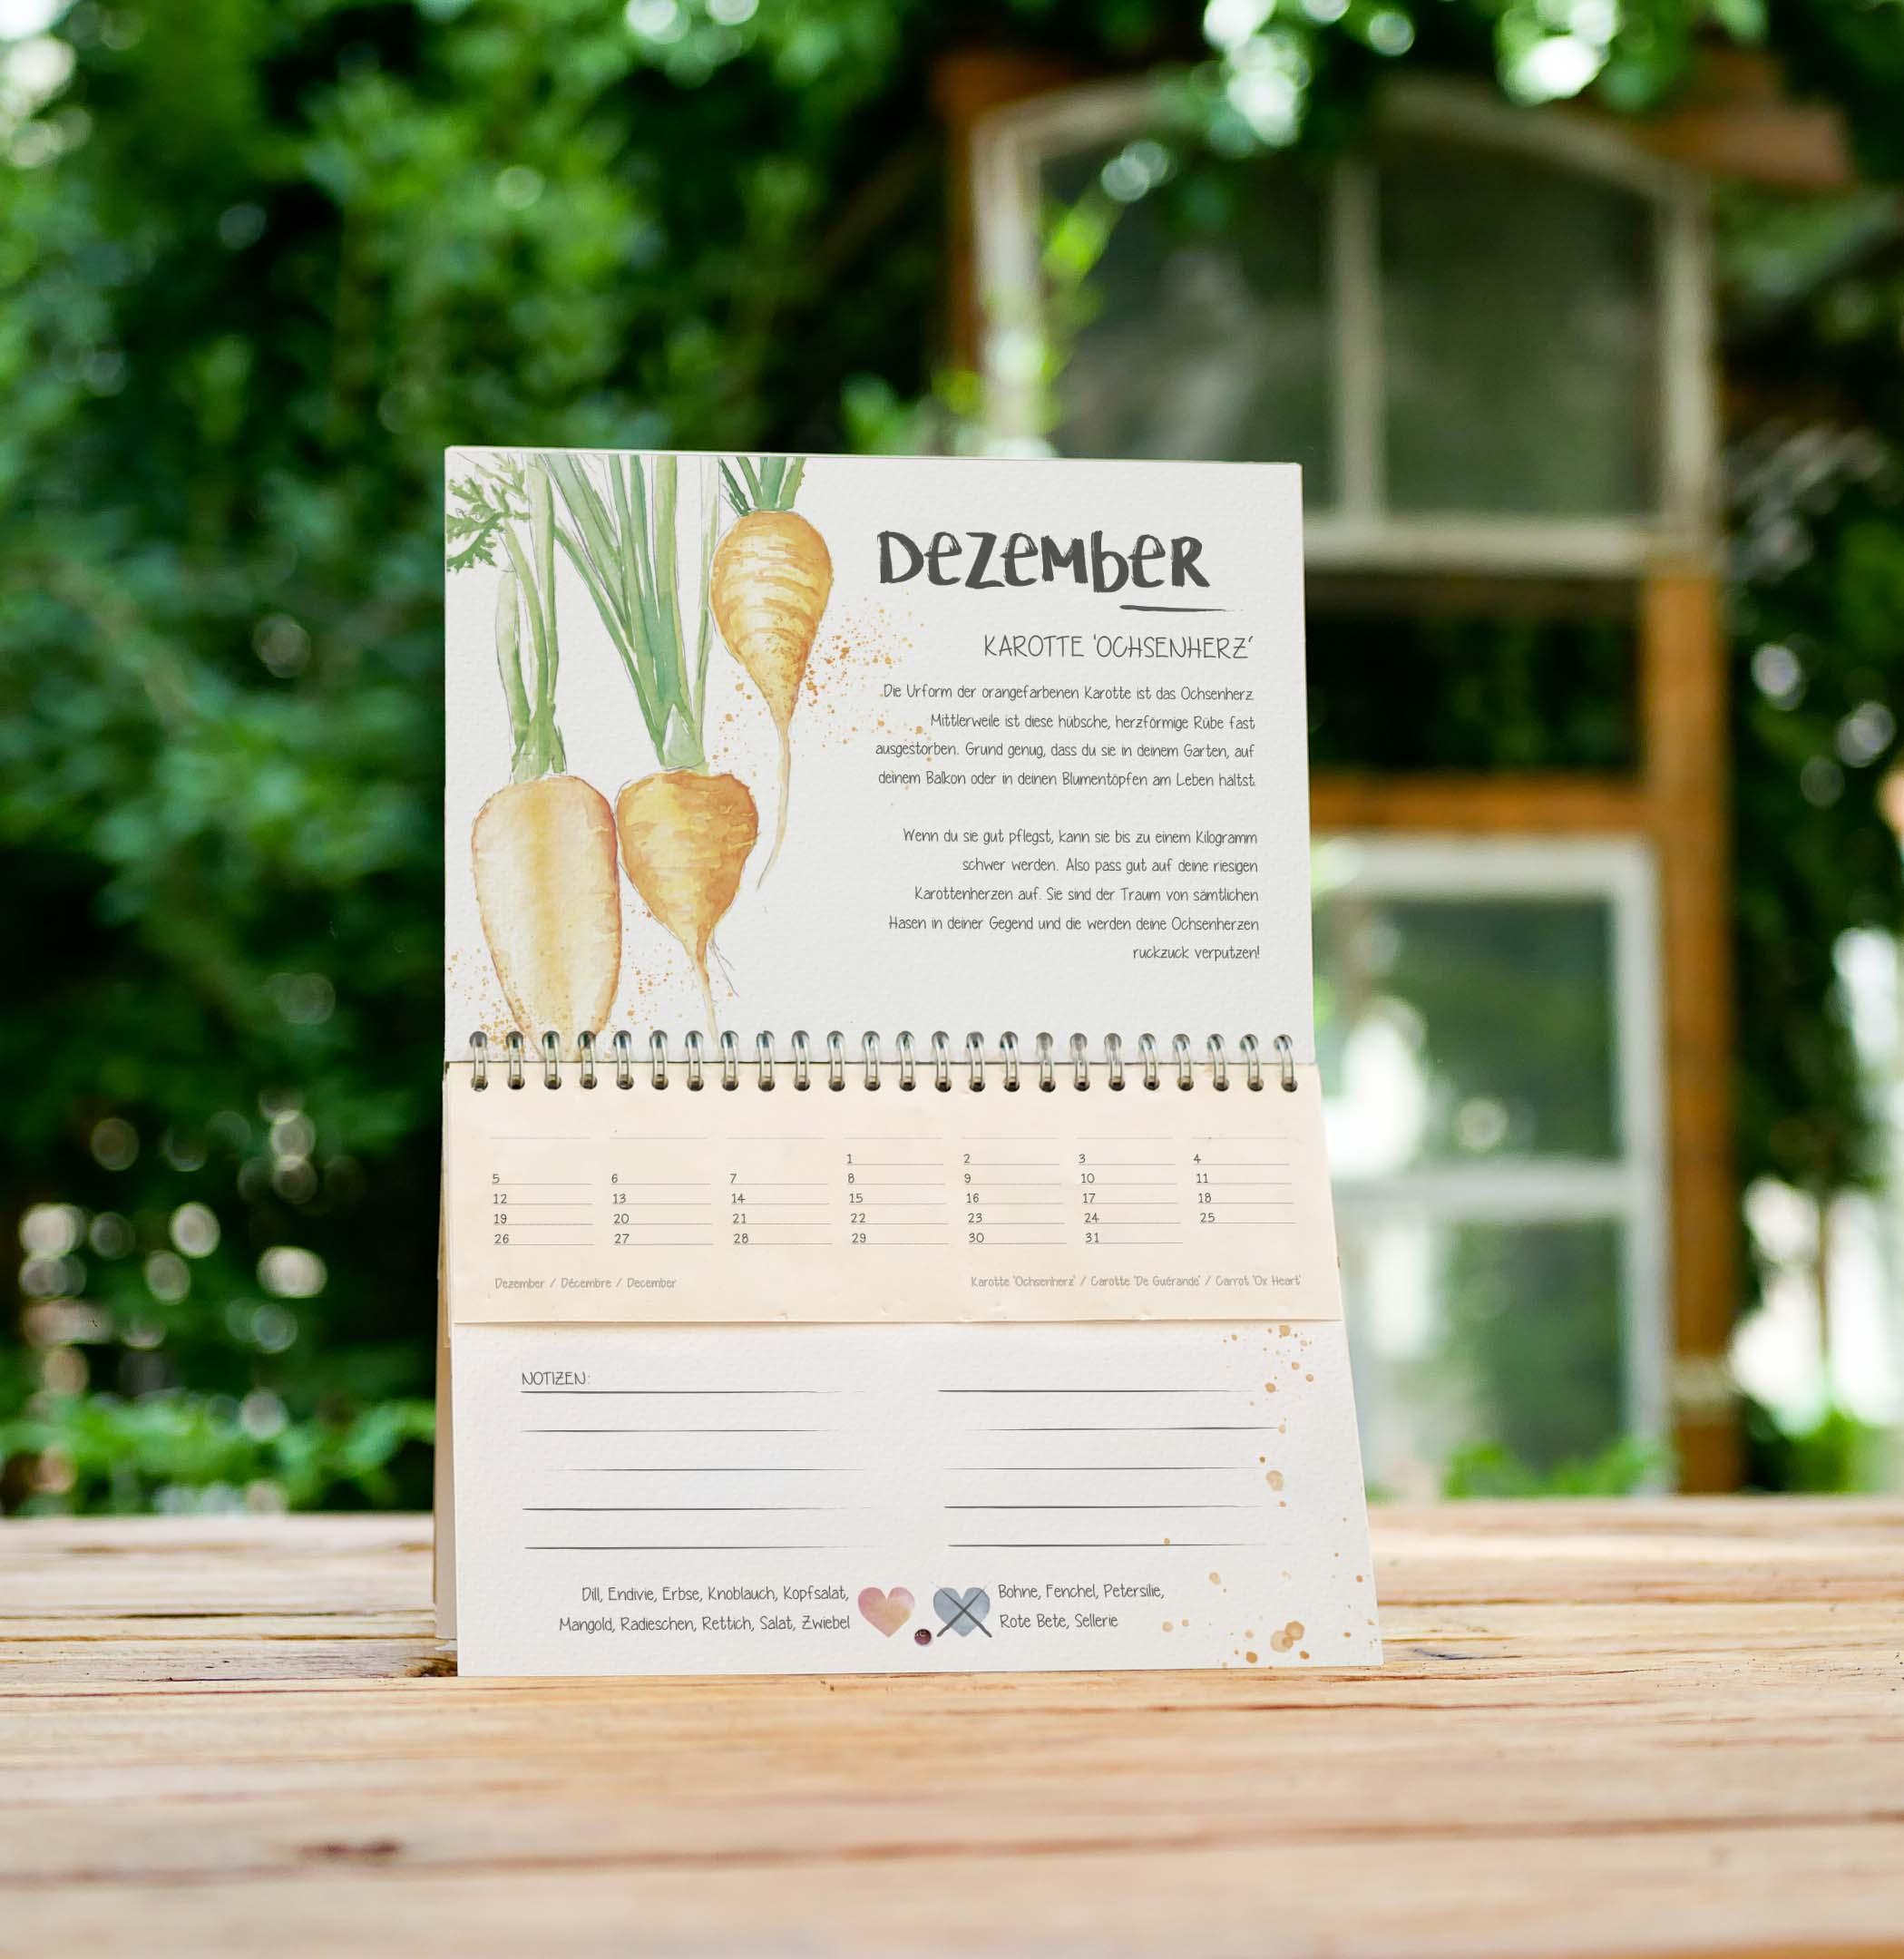 Dezember Kalenderblatt im einpflanzbaren Kalender Tausendsassa zeitlos 2022: samenfestes Bio-Saatgut